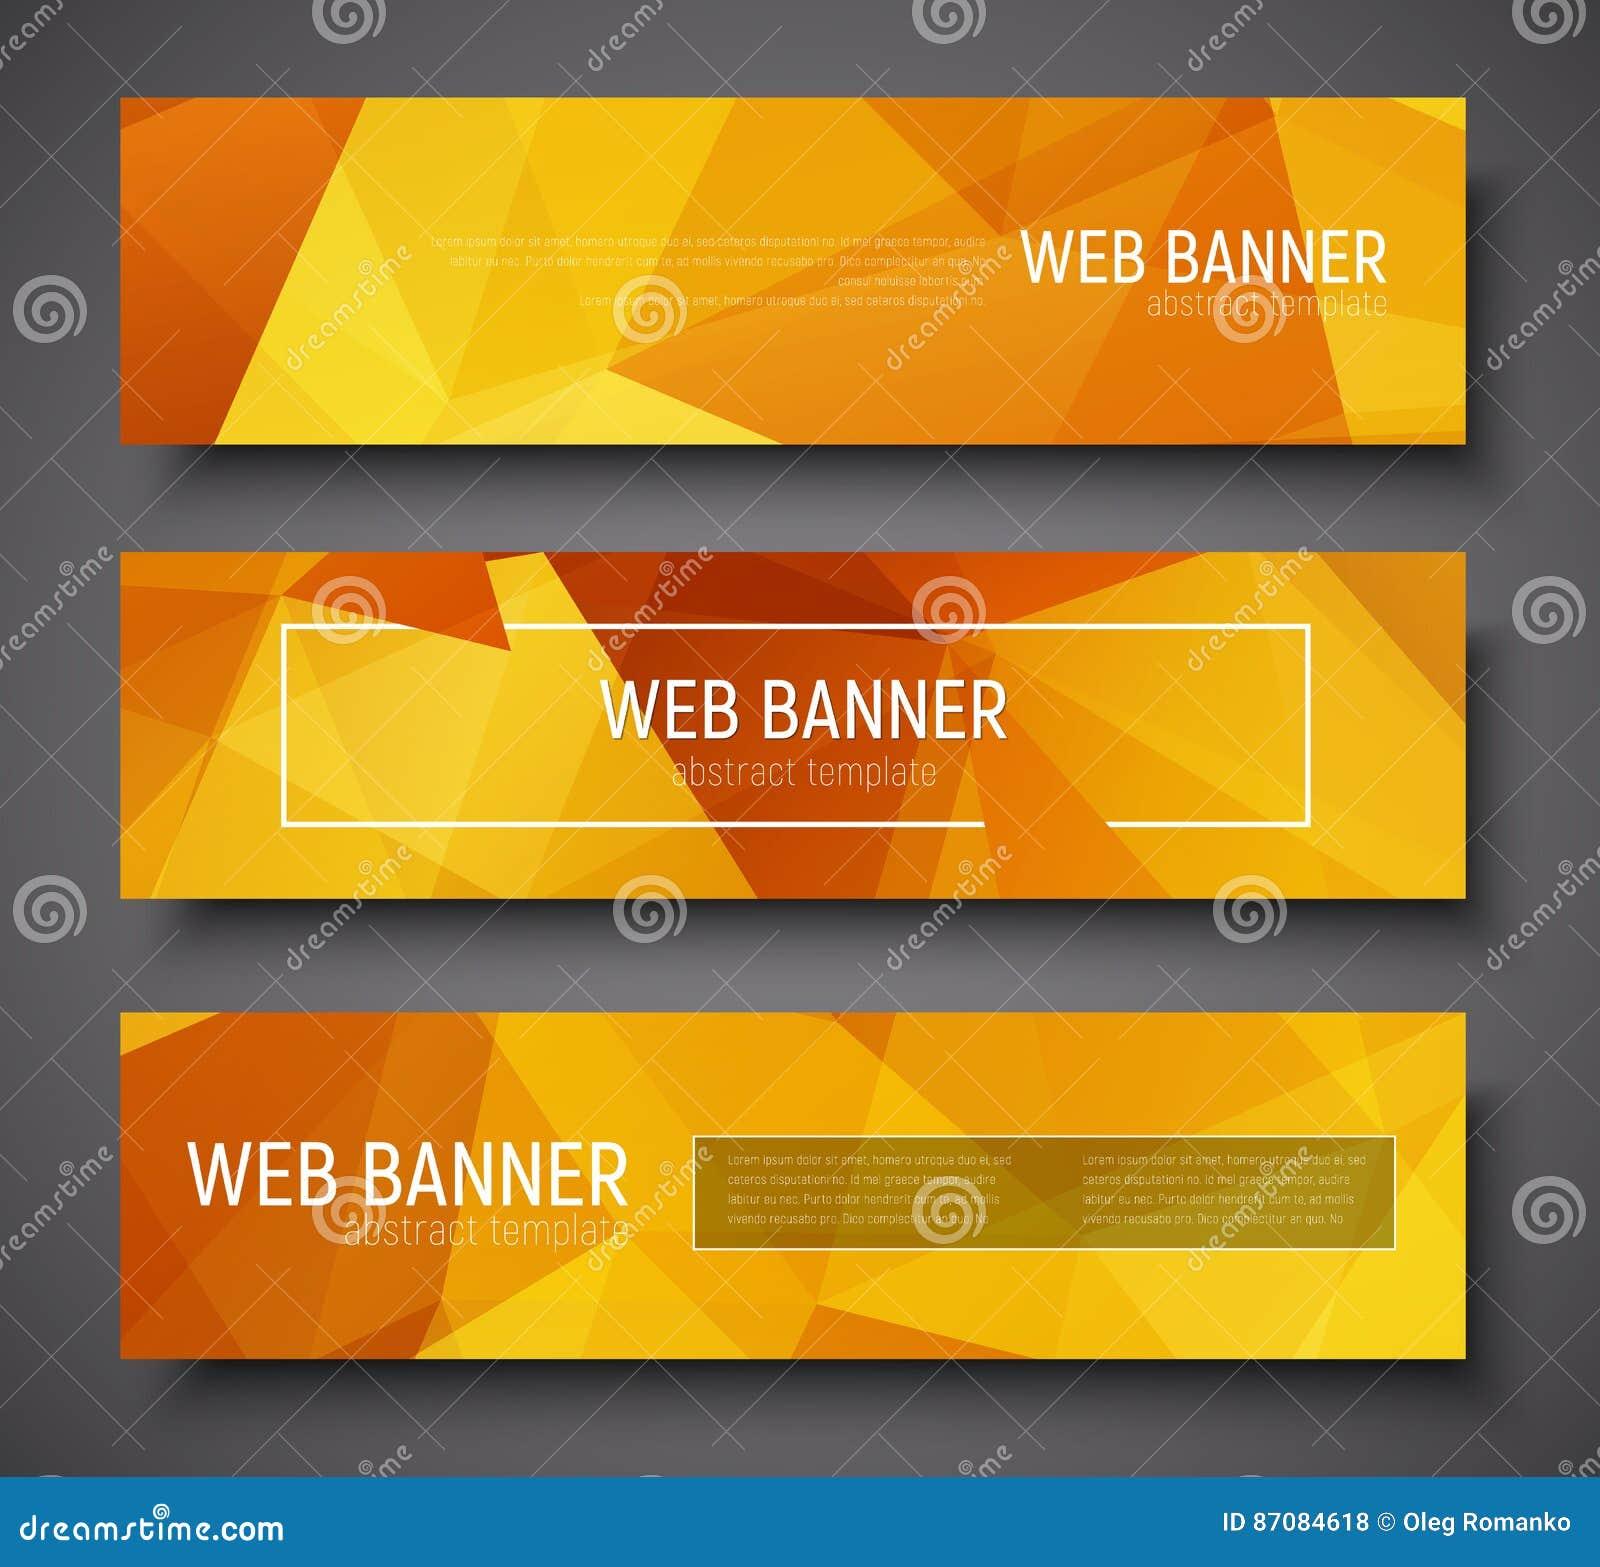 Sistema Del Tamaño Estándar De La Bandera Del Web Plantilla Con El ...